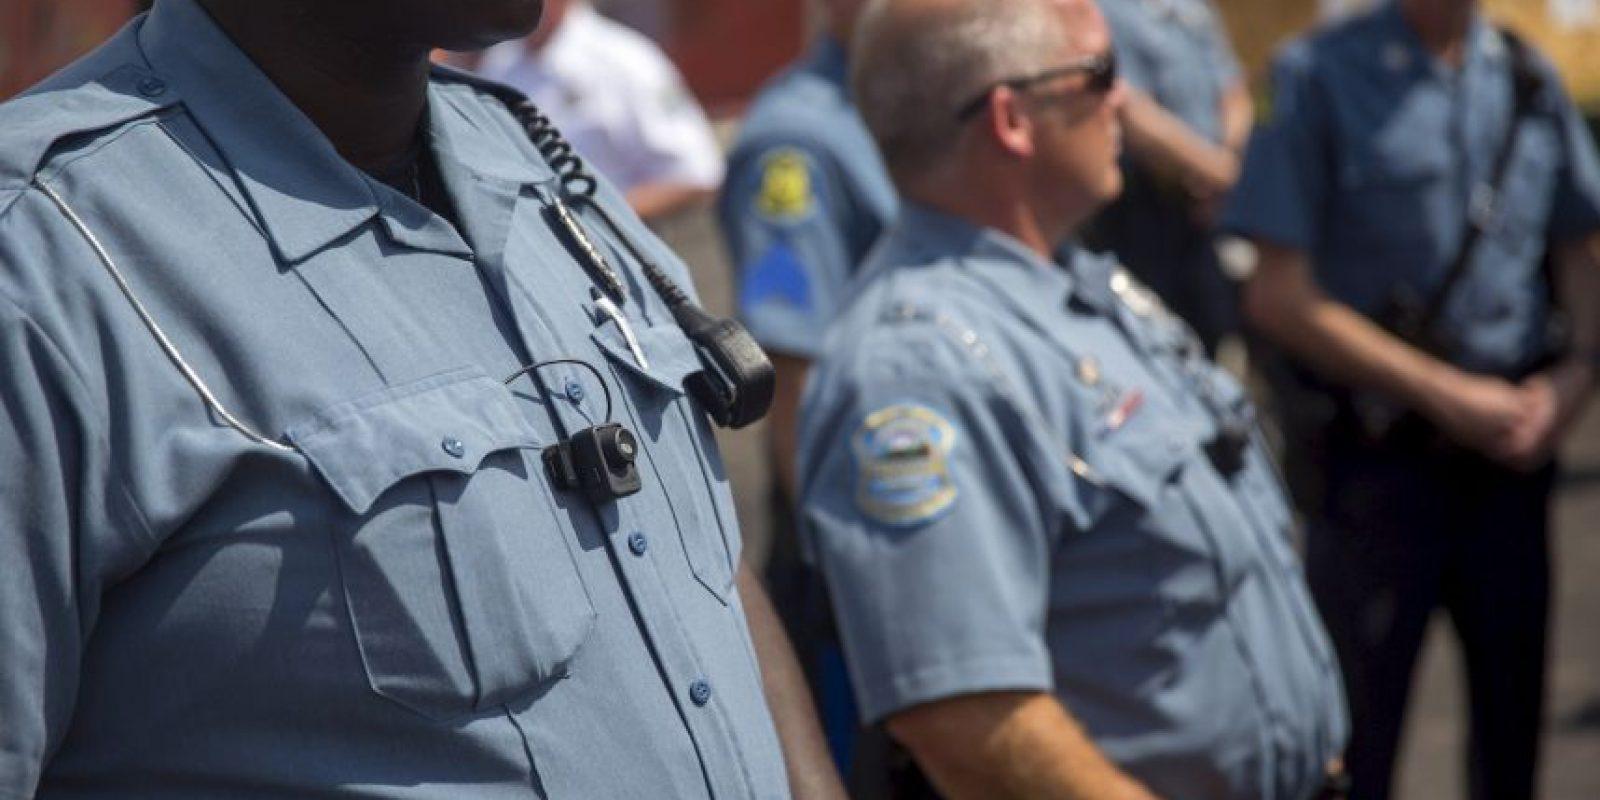 El agente de policía decidió golpear a la chica después de que ella lo pateara. Foto:Getty Images